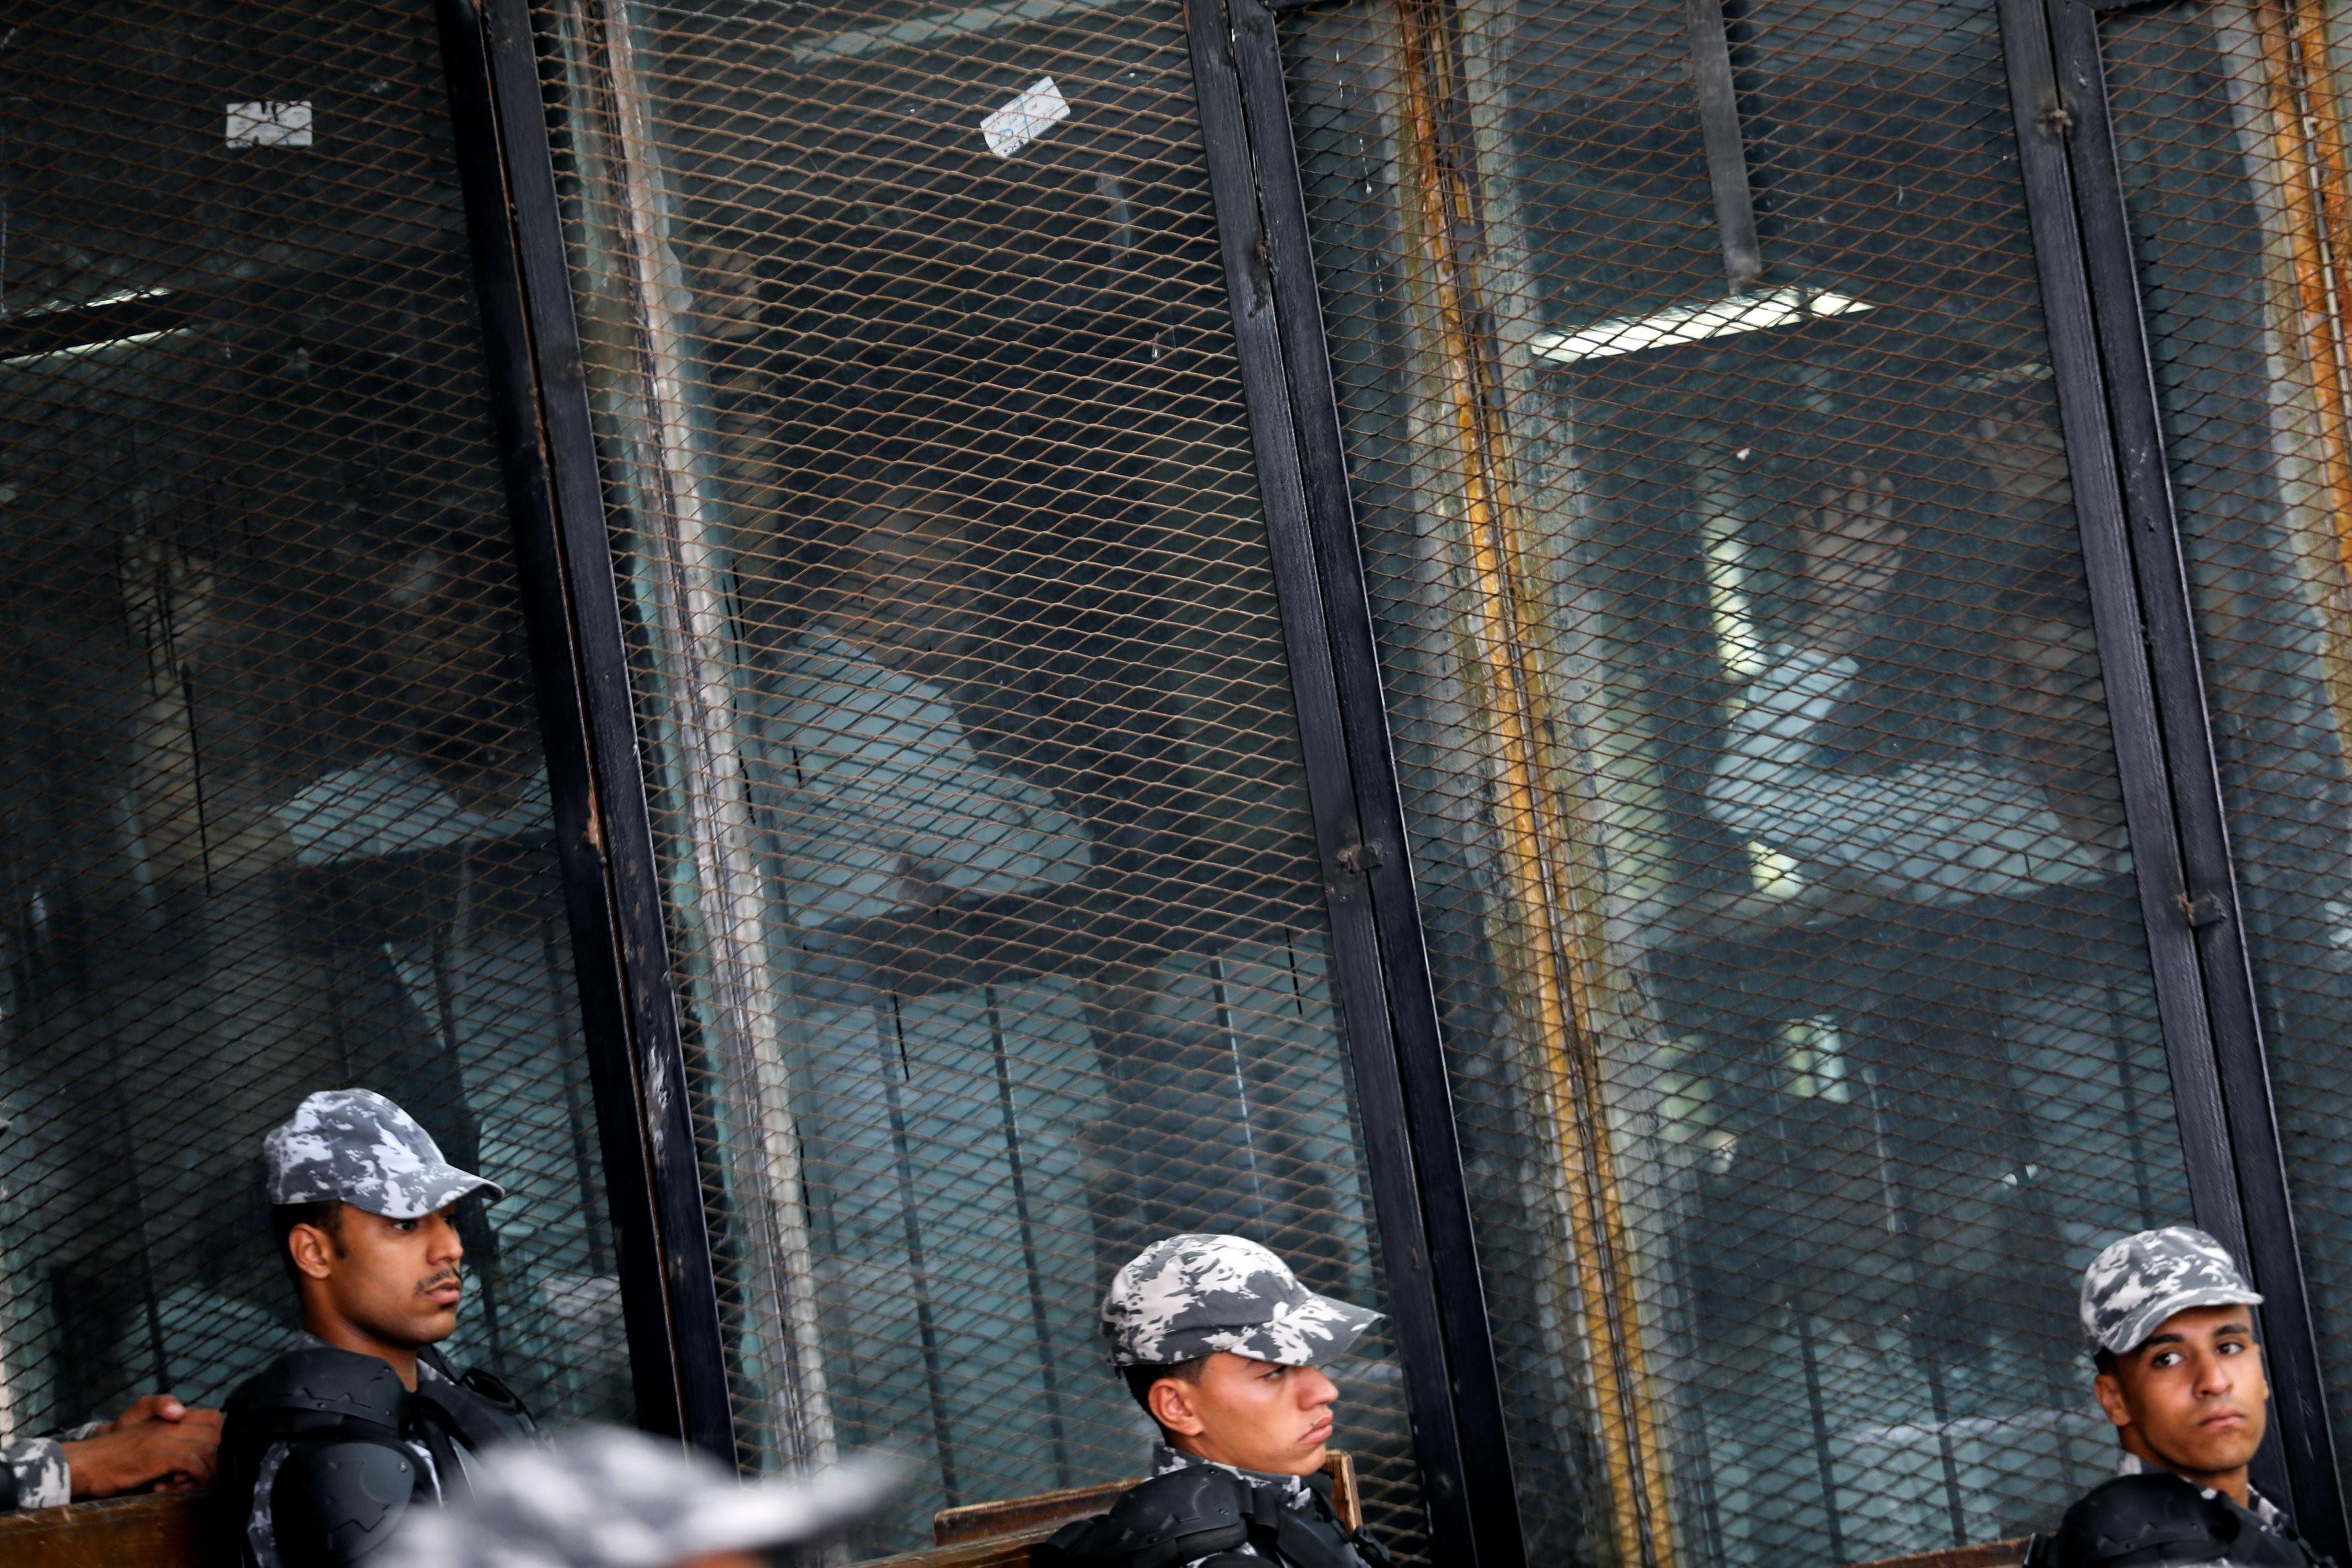 مصر تنفذ حكم الإعدام بحق 9 متهمين في قضية اغتيال النائب العام